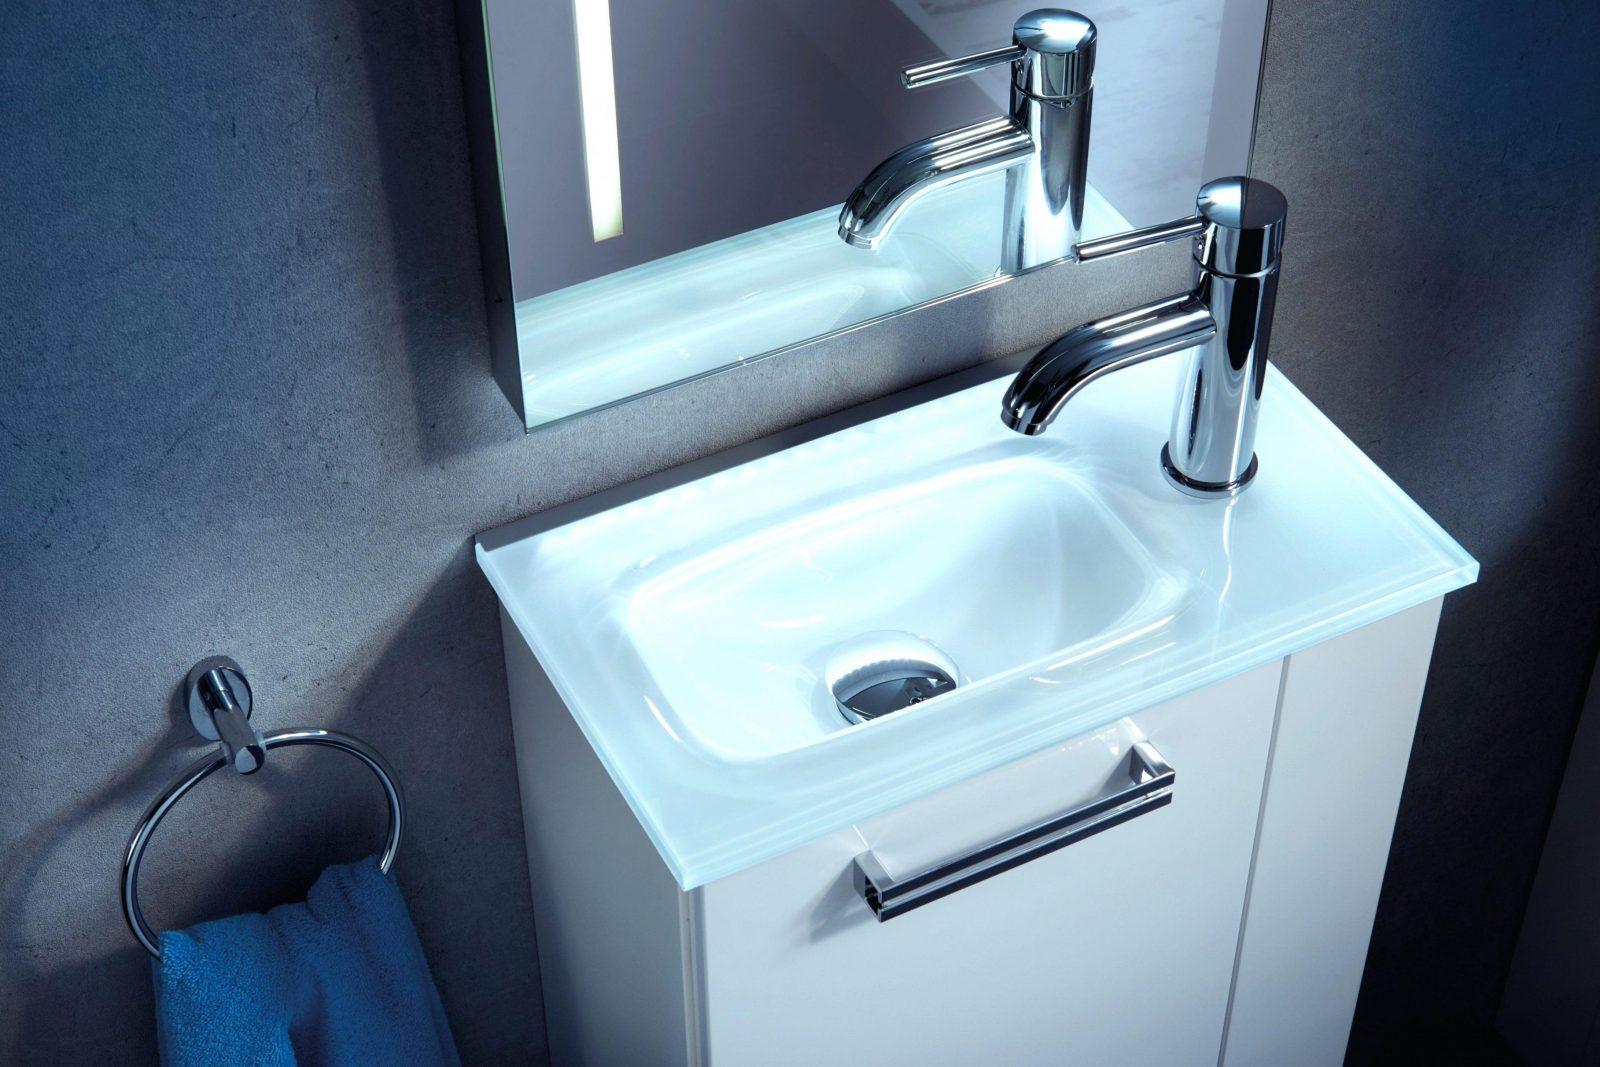 Waschbecken 40 Cm Breit Latest Naturstein Waschbecken Cm Oval von Waschbecken 40 Cm Tief Bild